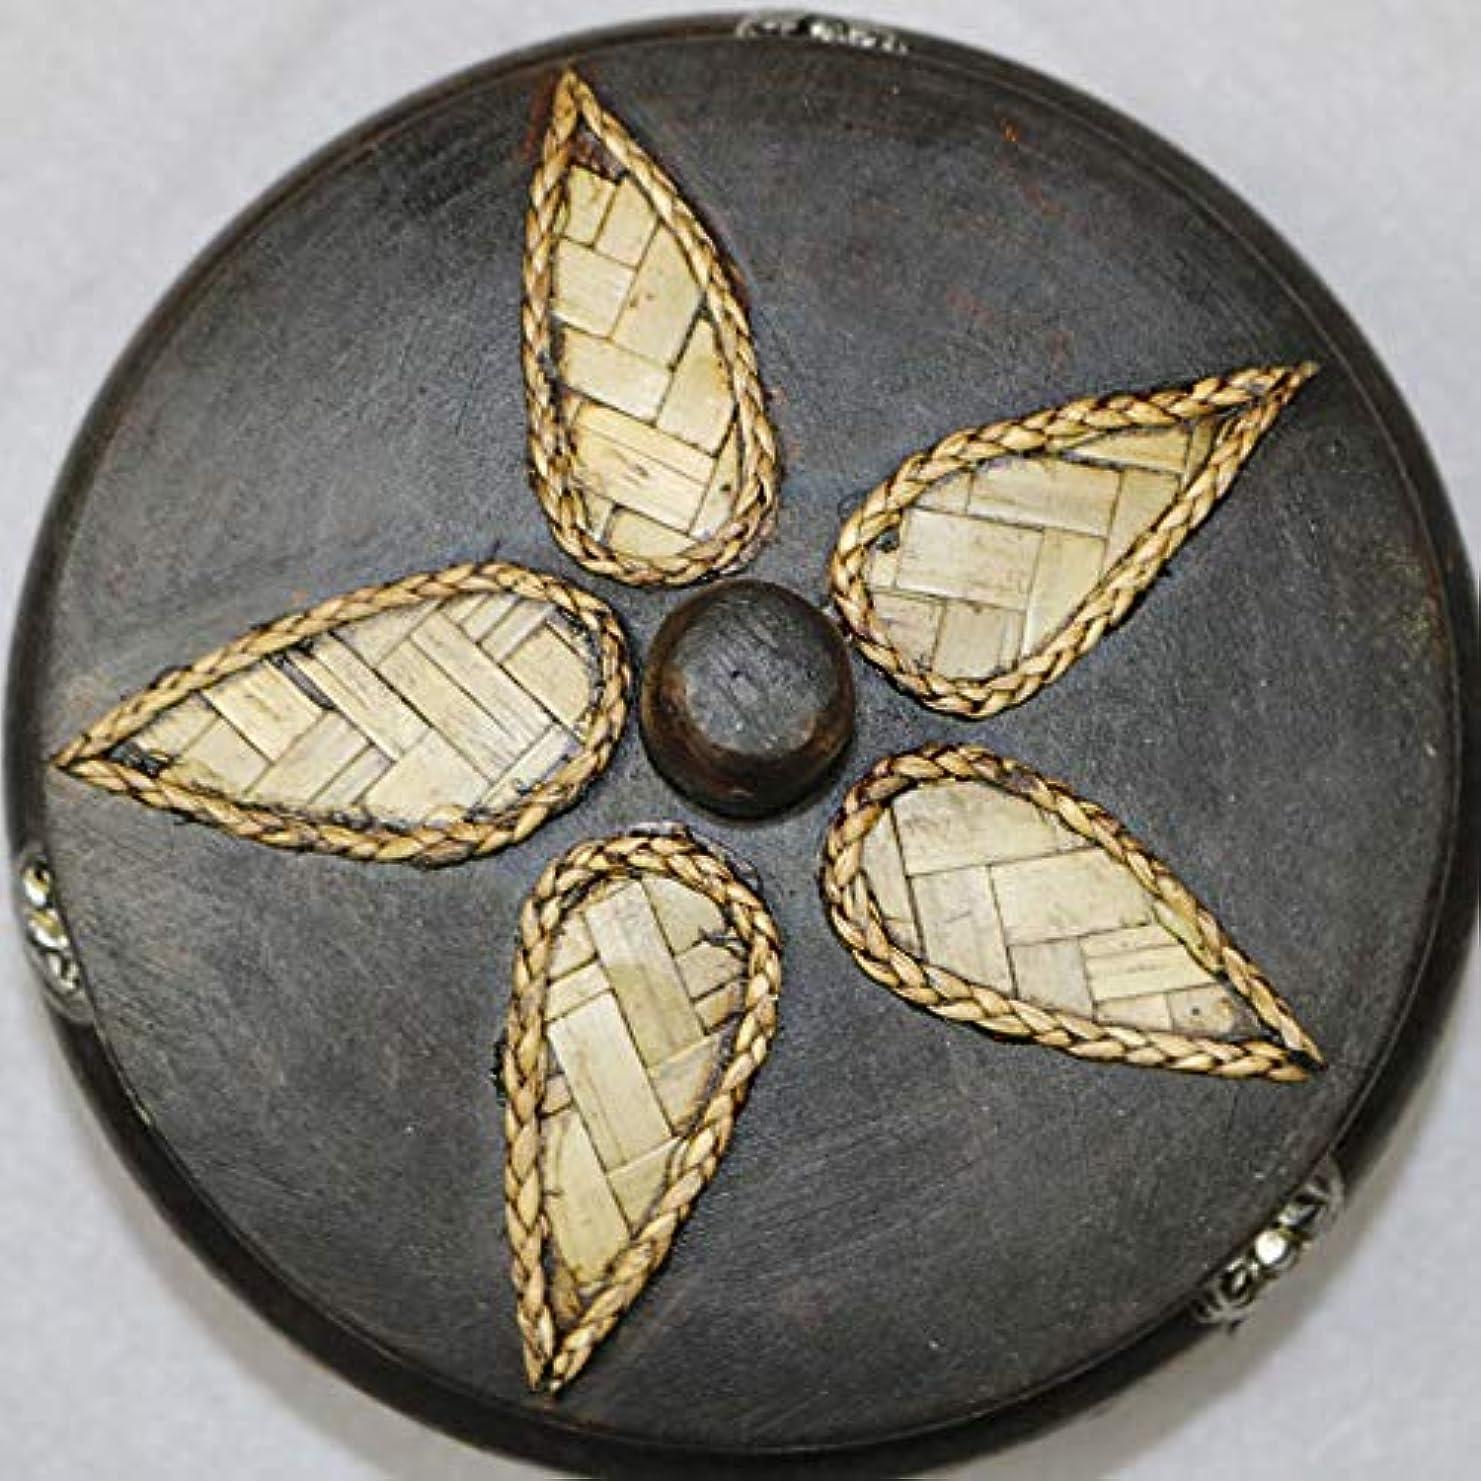 顕微鏡憎しみ重くするふたの家の装飾とタバコの創造的な灰皿のための灰皿